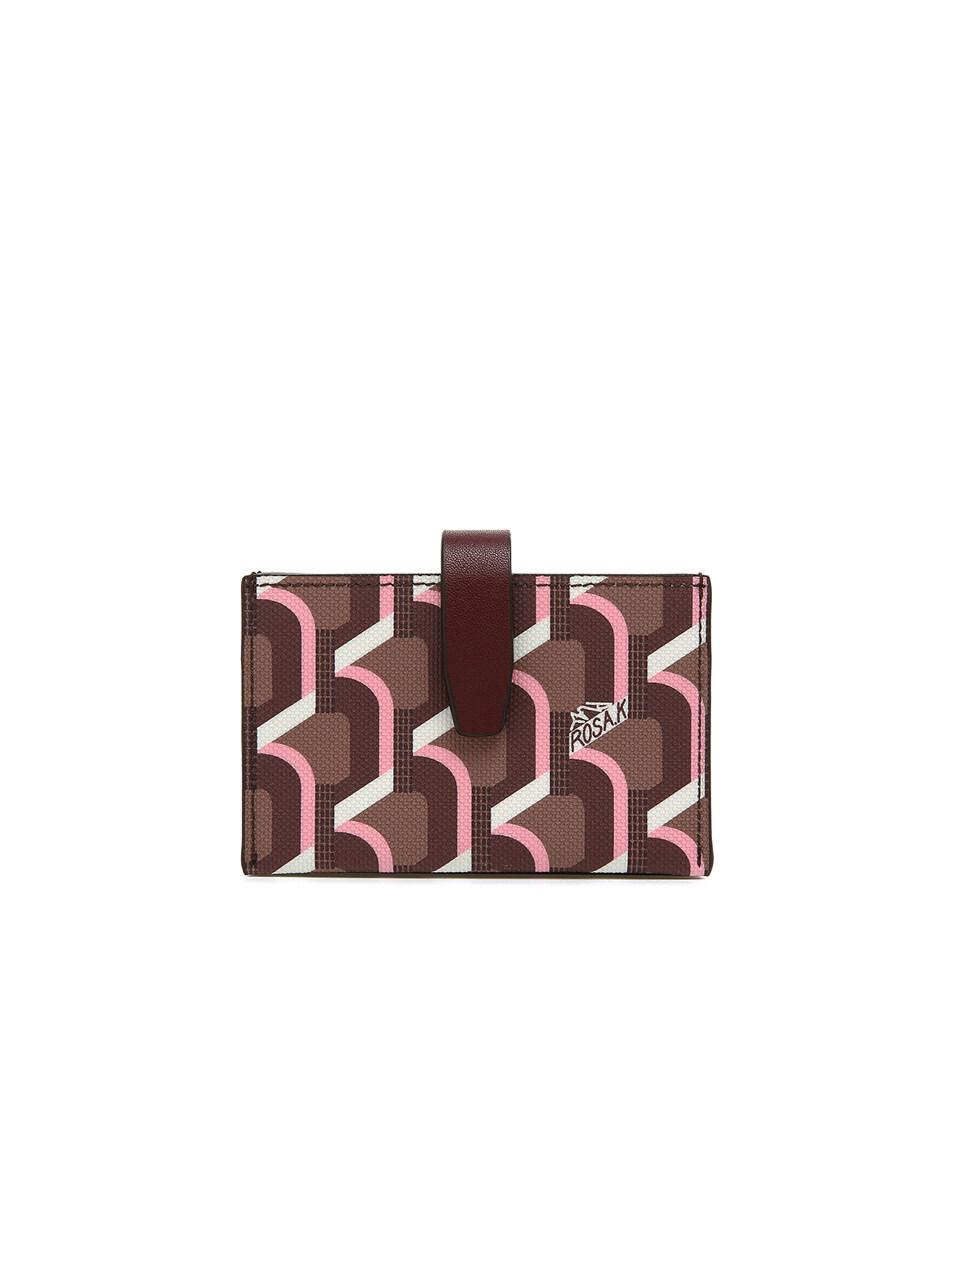 Monogram Accordion Wallet - Rose Cognac